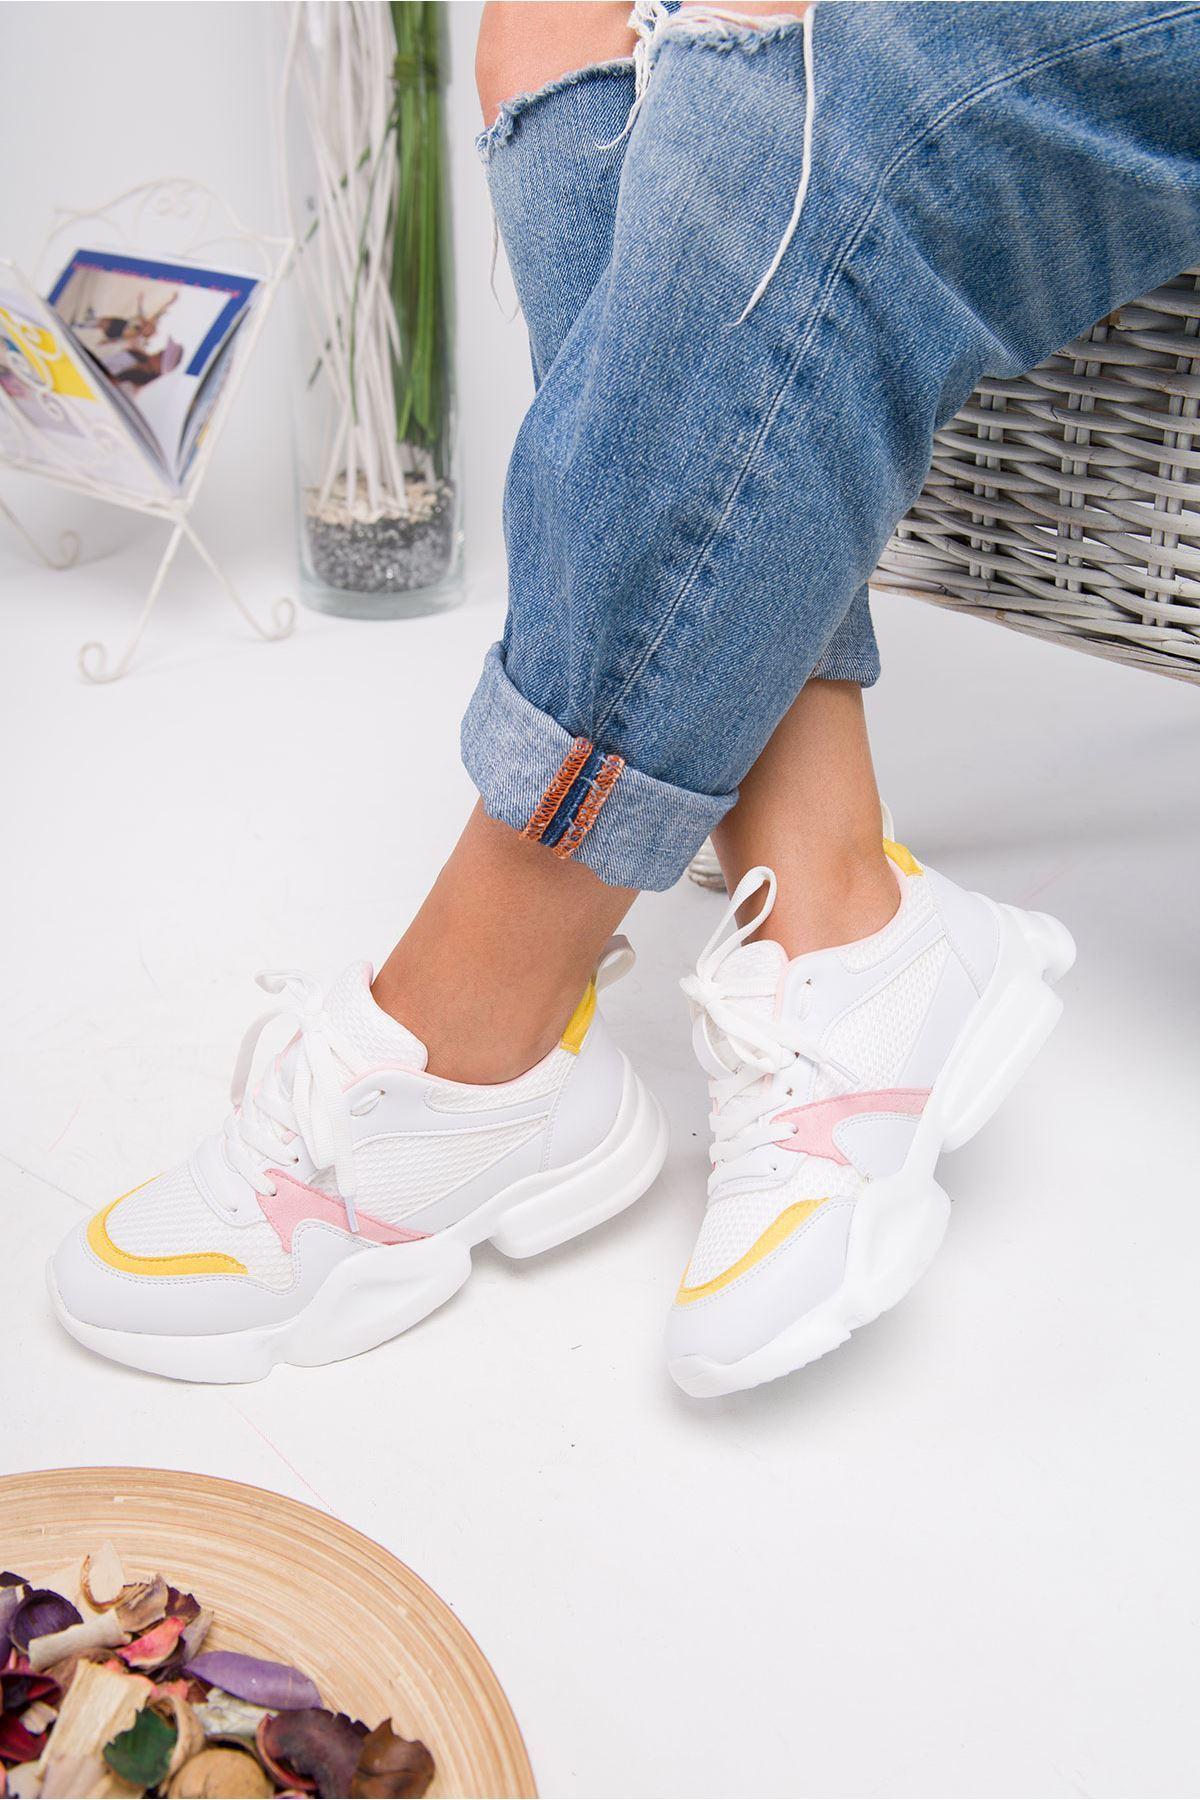 Horsey Beyaz-Pembe Lame İthal Süet Bayan Spor Ayakkabı